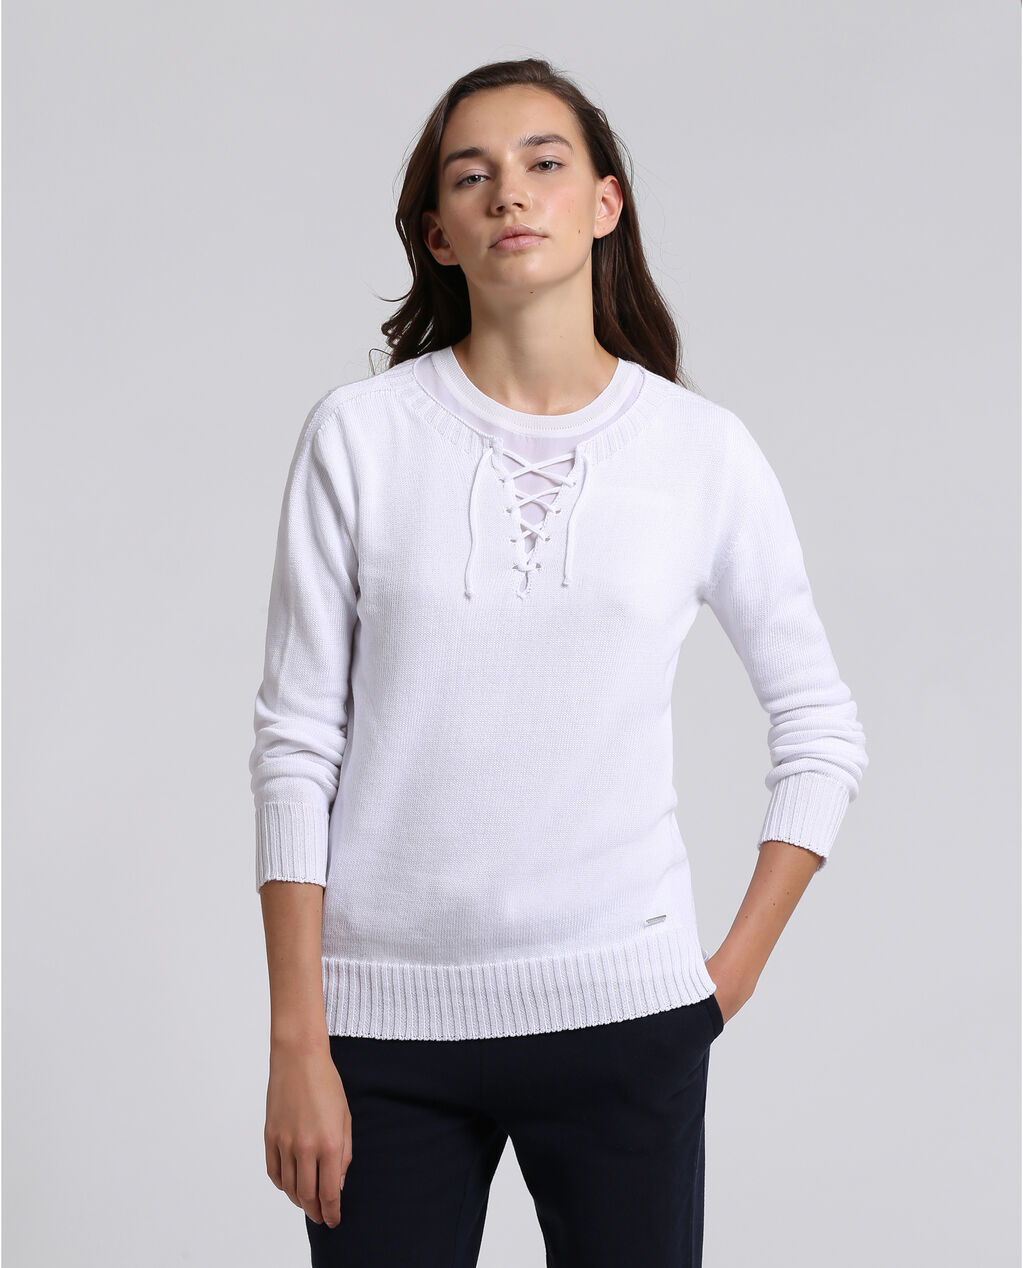 W'S Fine Cotton Sweater